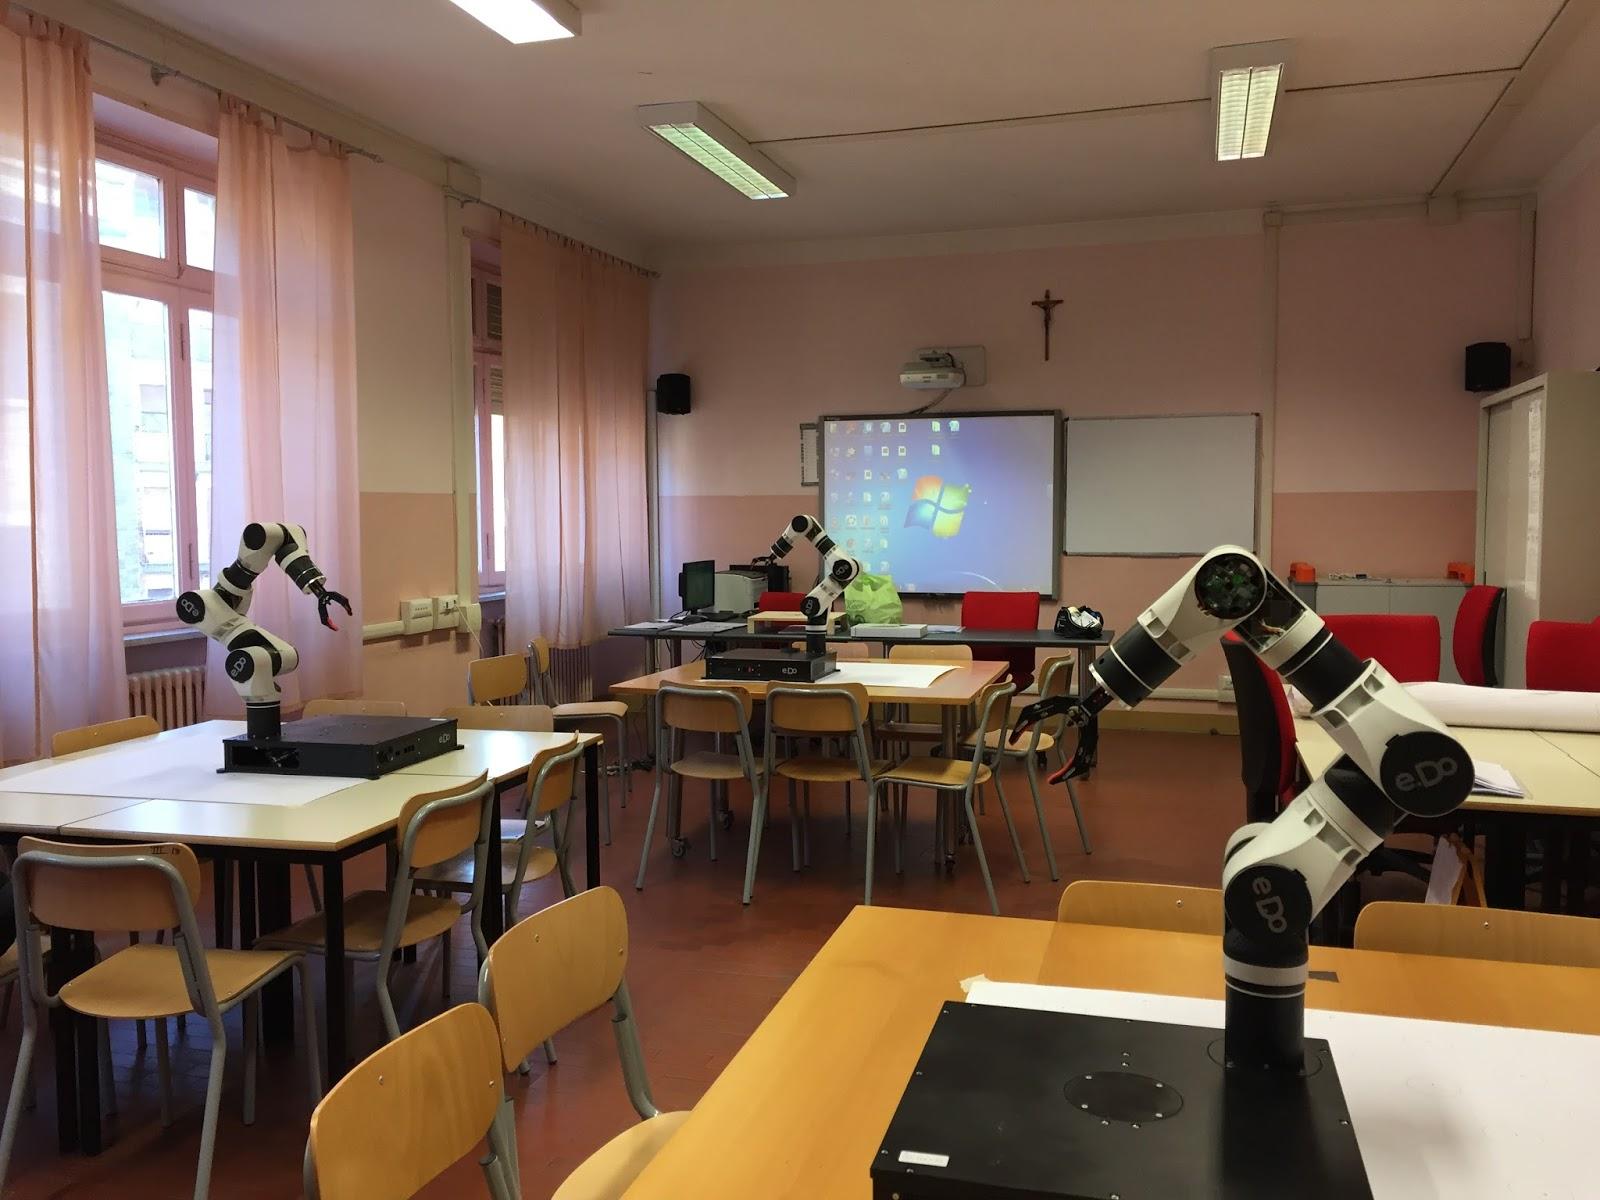 Tavolo Da Lavoro Per Webmaster : Pnsd iis castigliano asti il robot e do per aiutare gli studenti